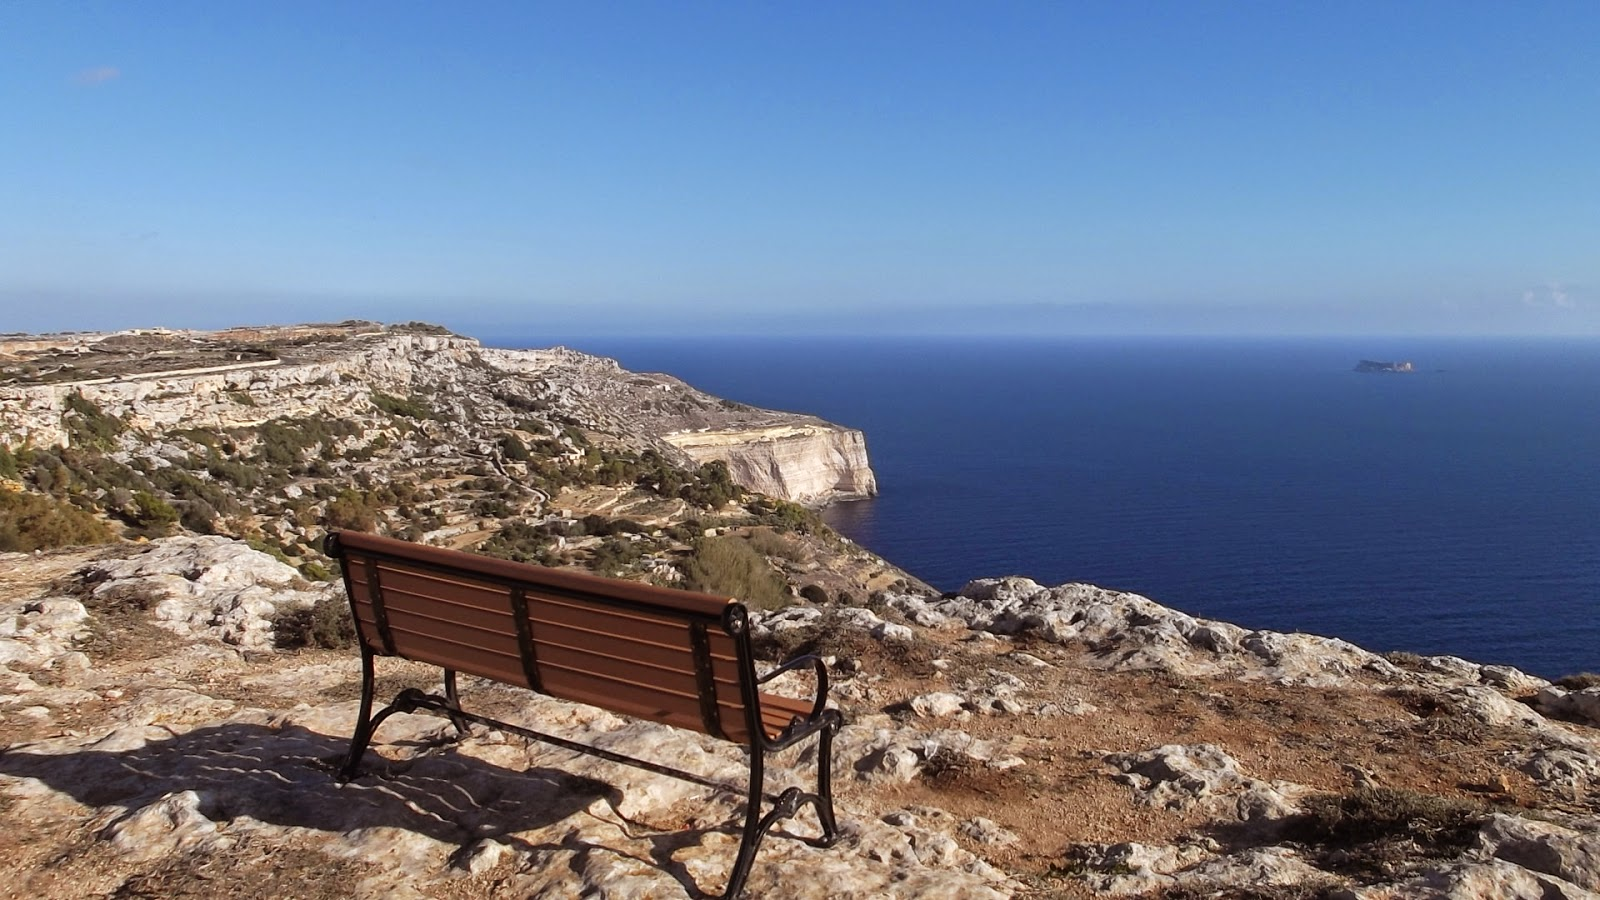 Viaggia con mela e risparmia malta 5gg in ottobre - Malta a novembre bagno ...